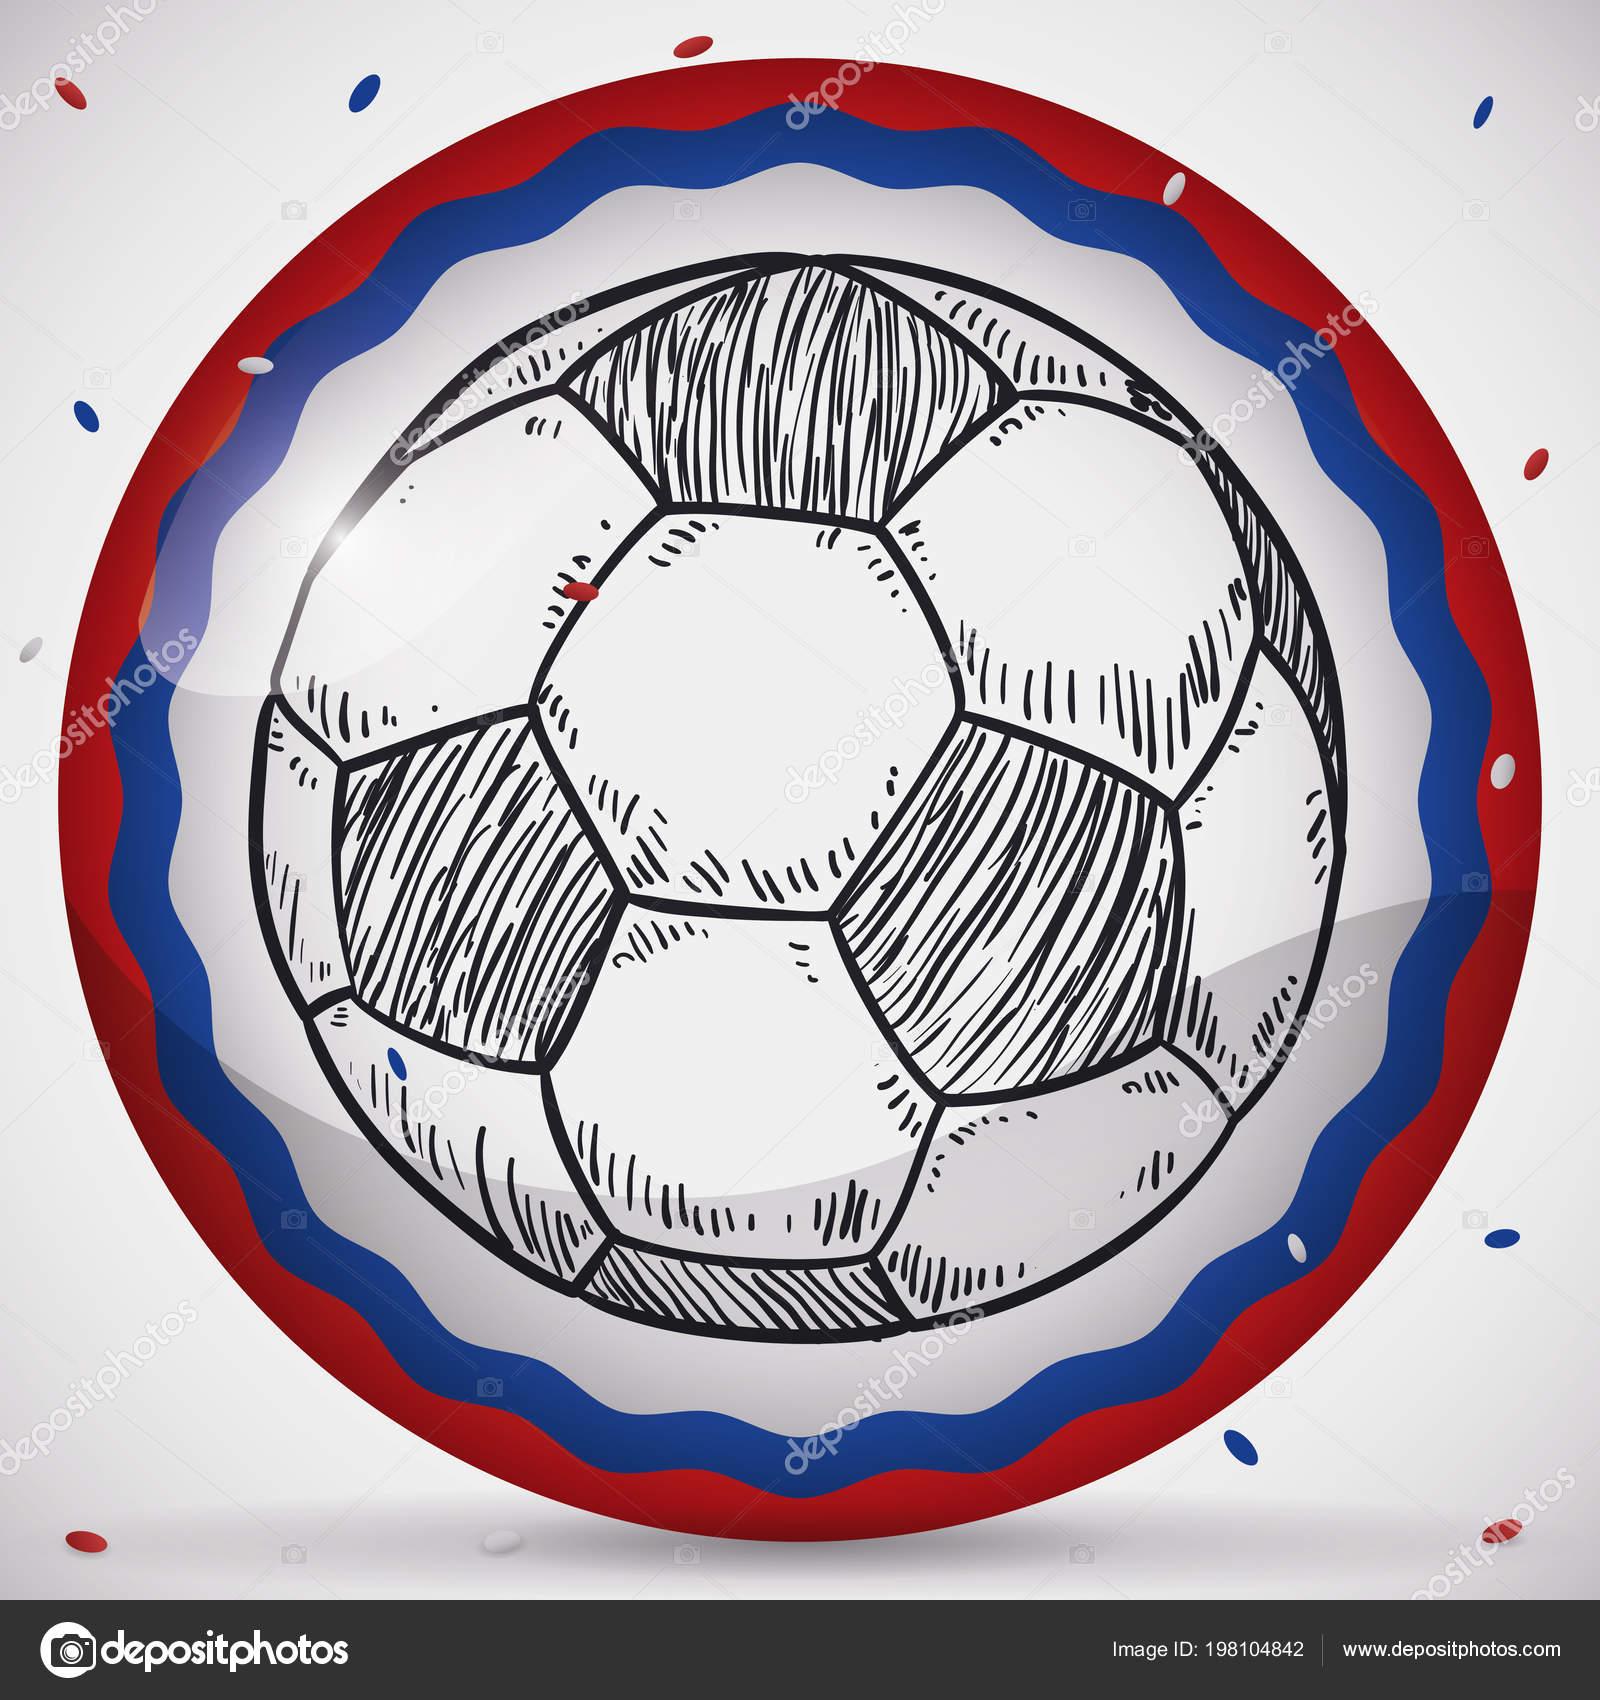 Botão Redondo Com Bola Futebol Mão Desenhada Estilo Sob Chuveiro — Vetores  de Stock c295a3a4cb6d0